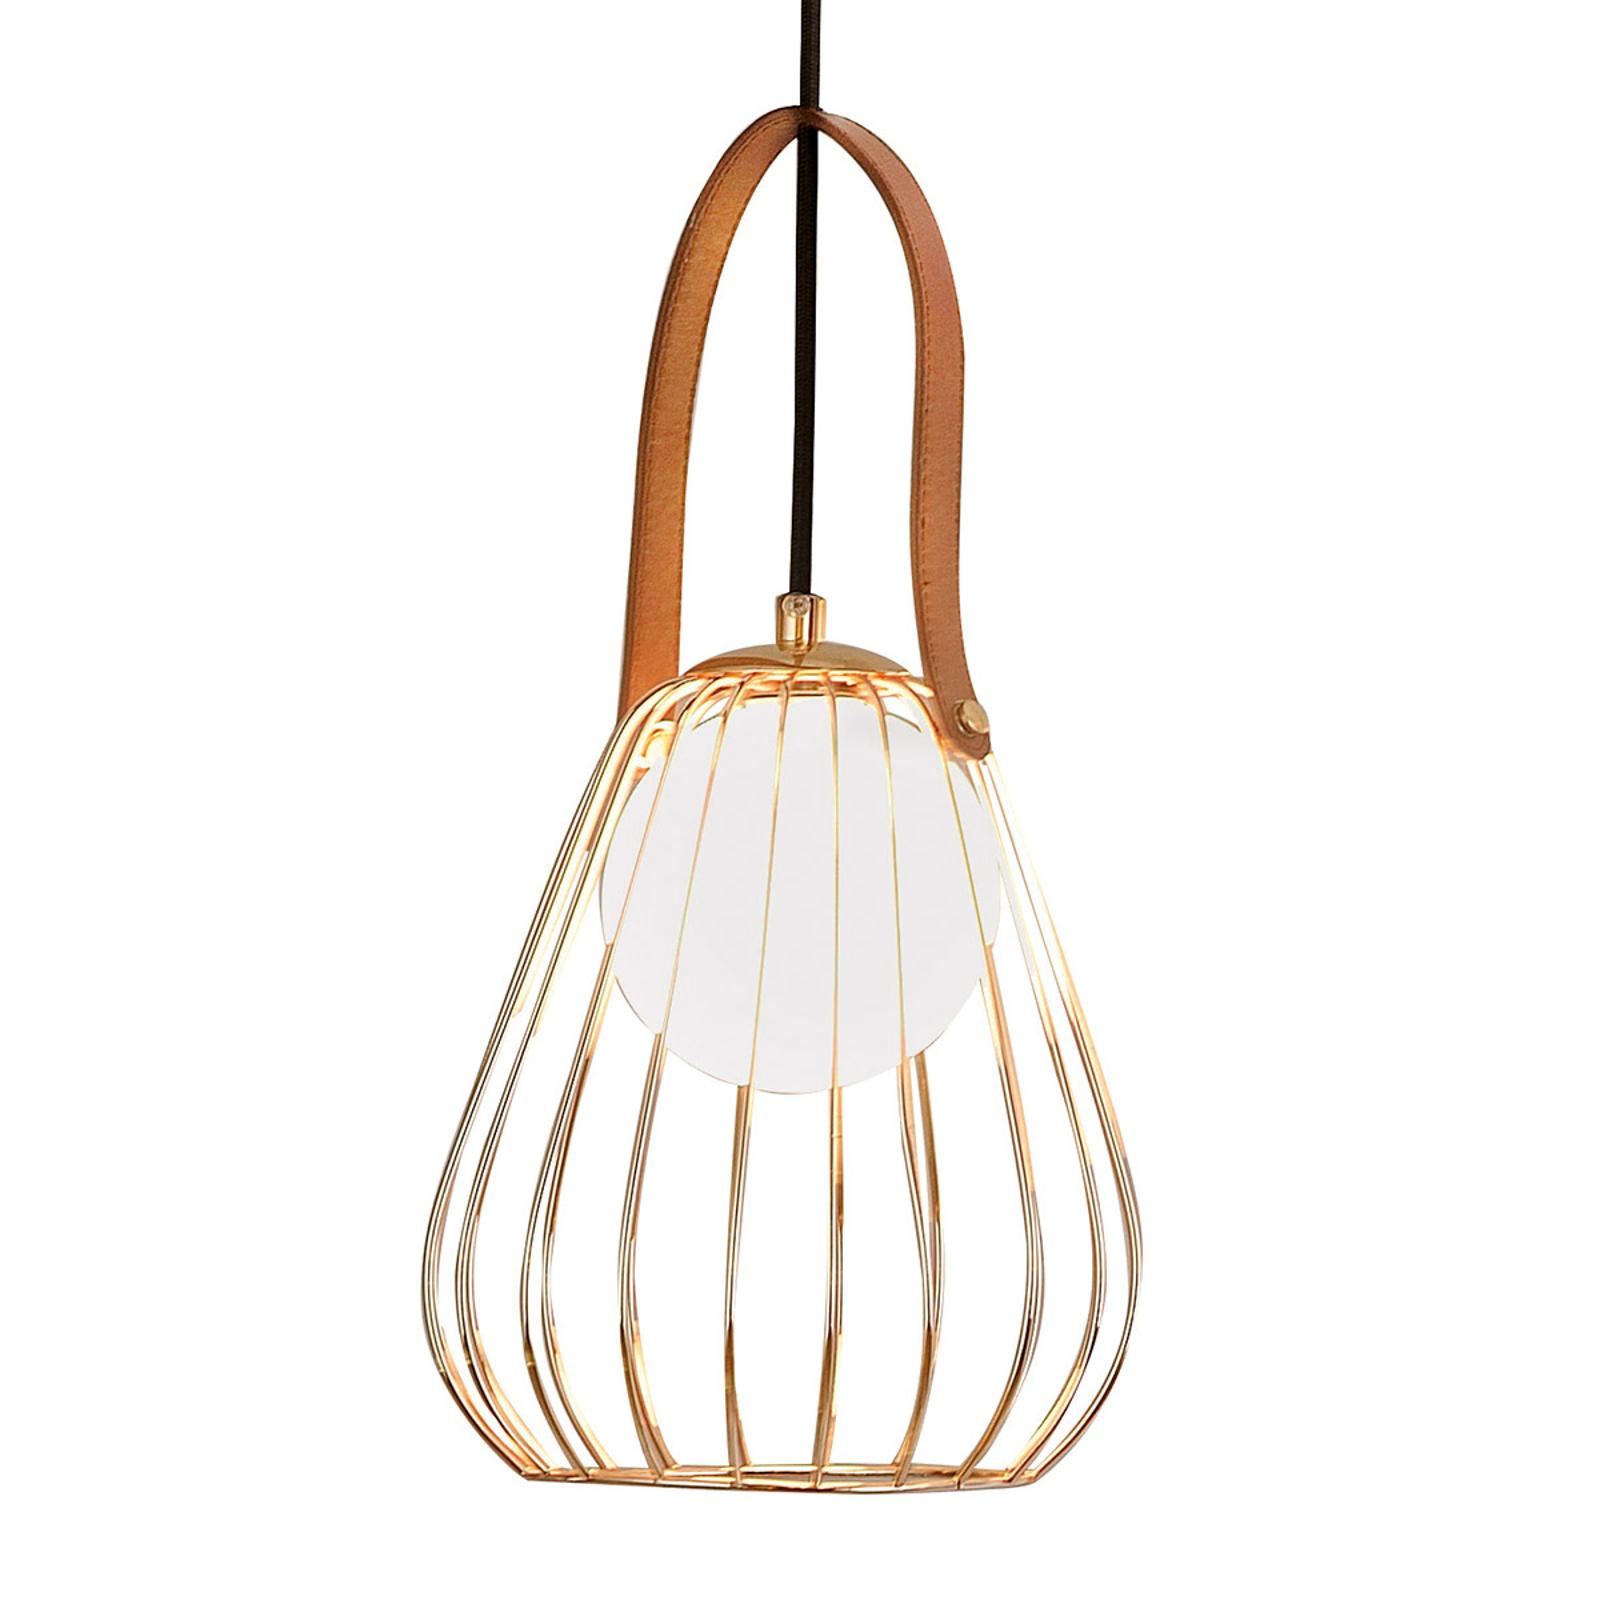 Hanglamp Levik met gouden kooi Ø 18 cm